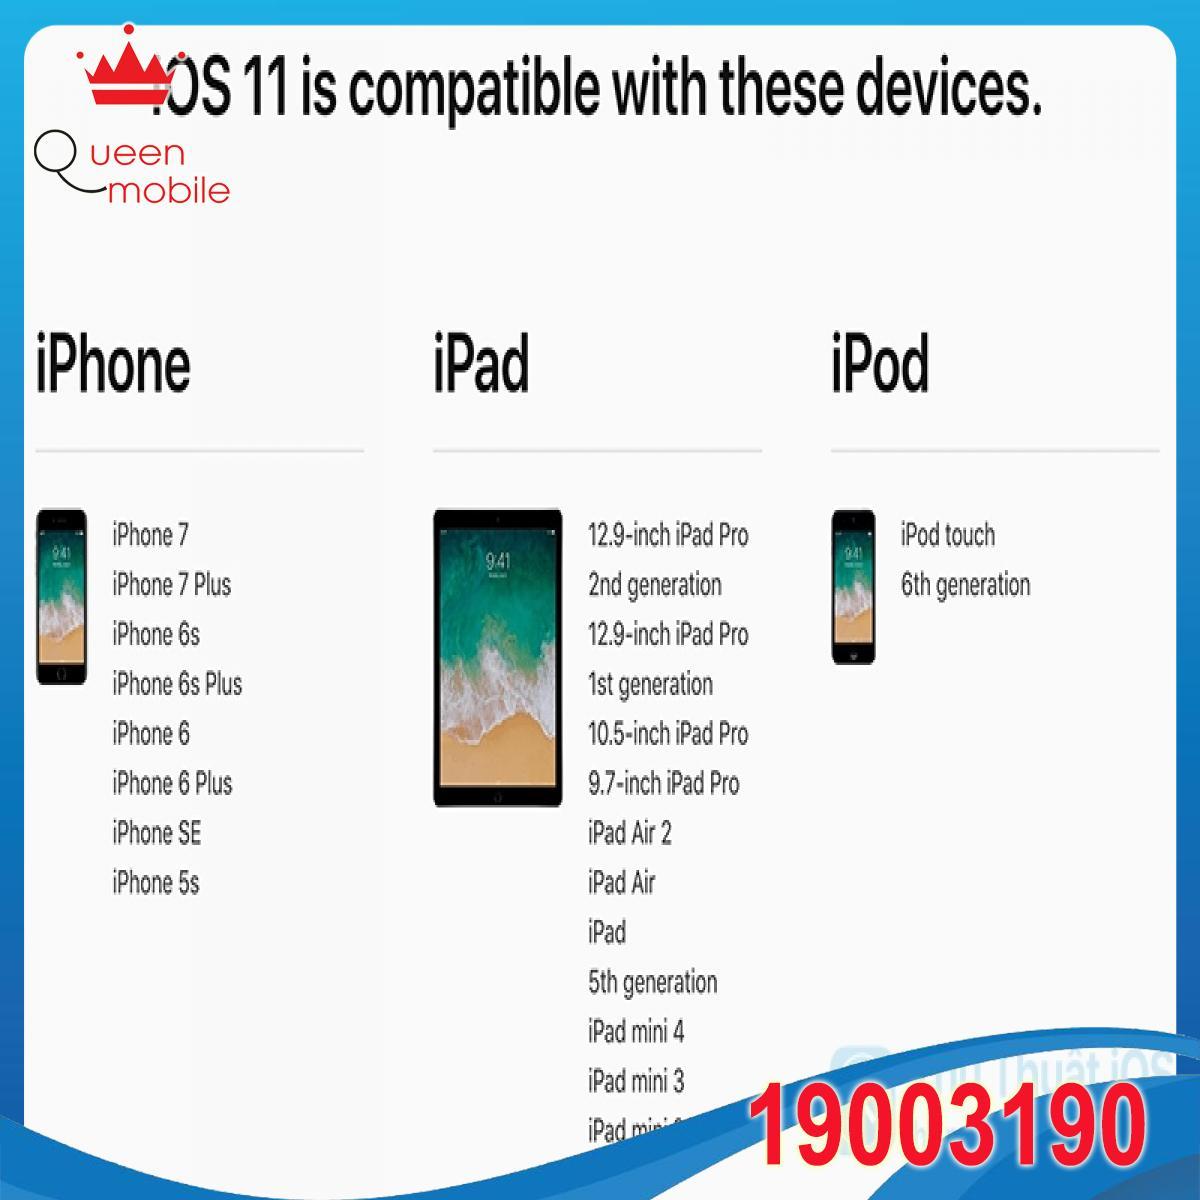 Thiết bị của bạn có thể chạy được iOS 11 không?